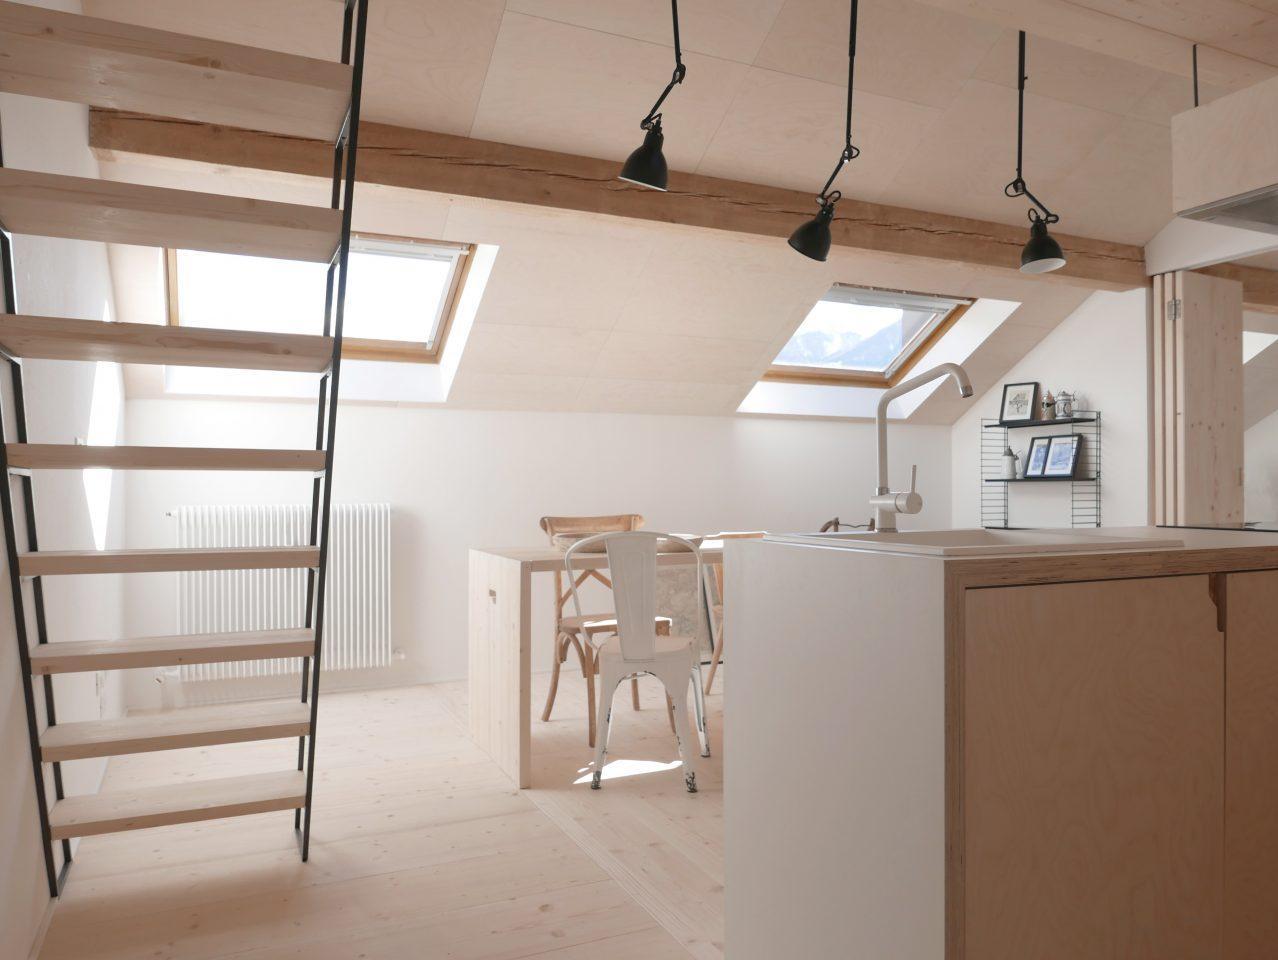 Idee Per Dividere Zona Giorno idee per dividere gli spazi di una mansarda - mansarda.it